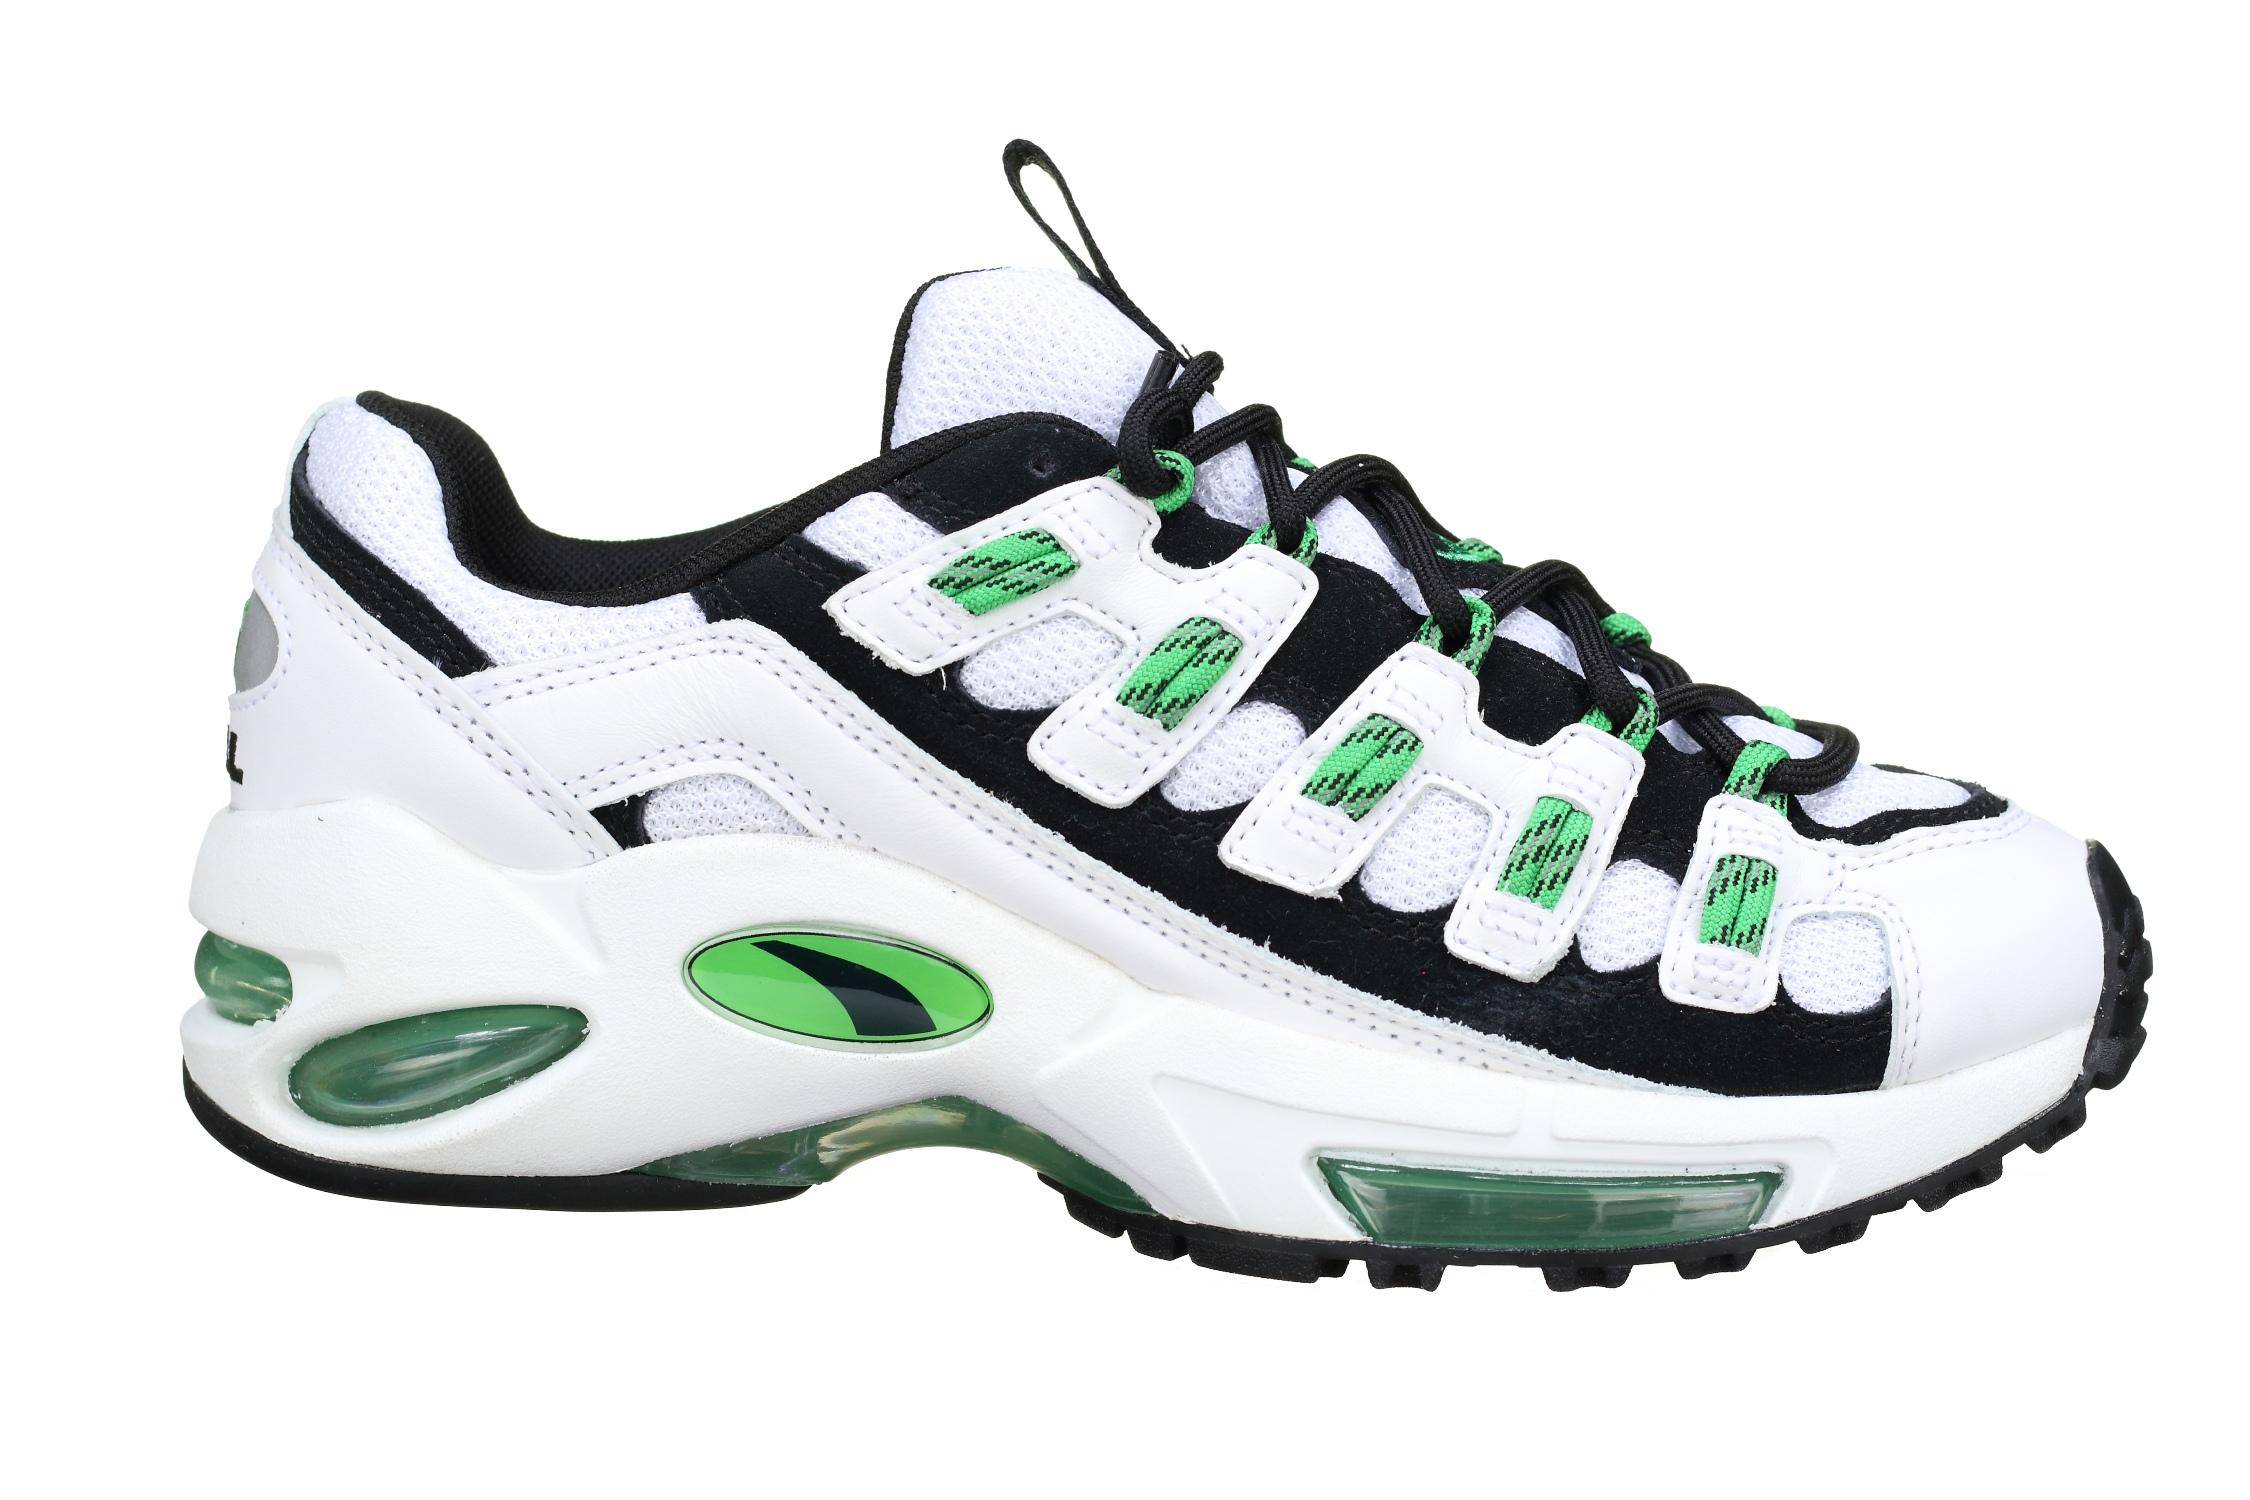 https://www.leadermode.com/176216/puma-cell-endura-369357-01-white-green.jpg